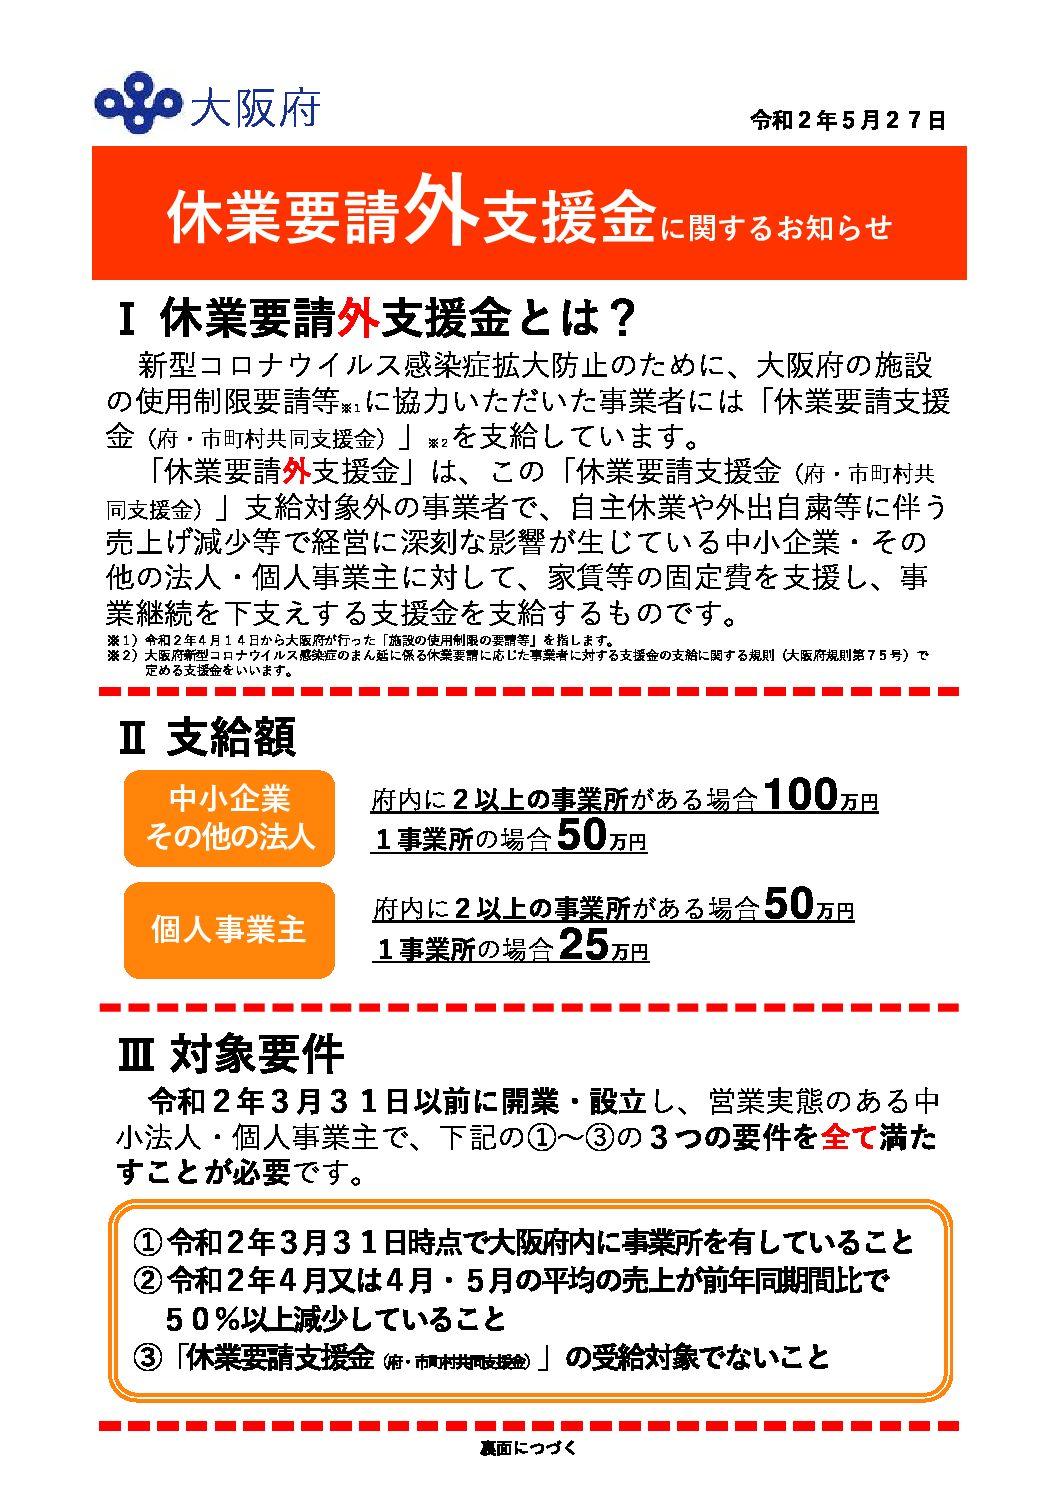 大阪 給付 金 家賃 支援